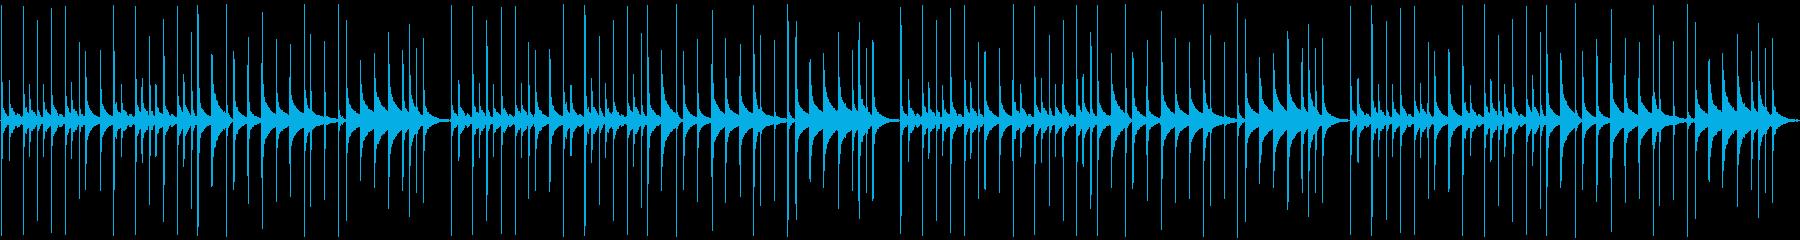 【コミカルなシーン用パーカッション】の再生済みの波形